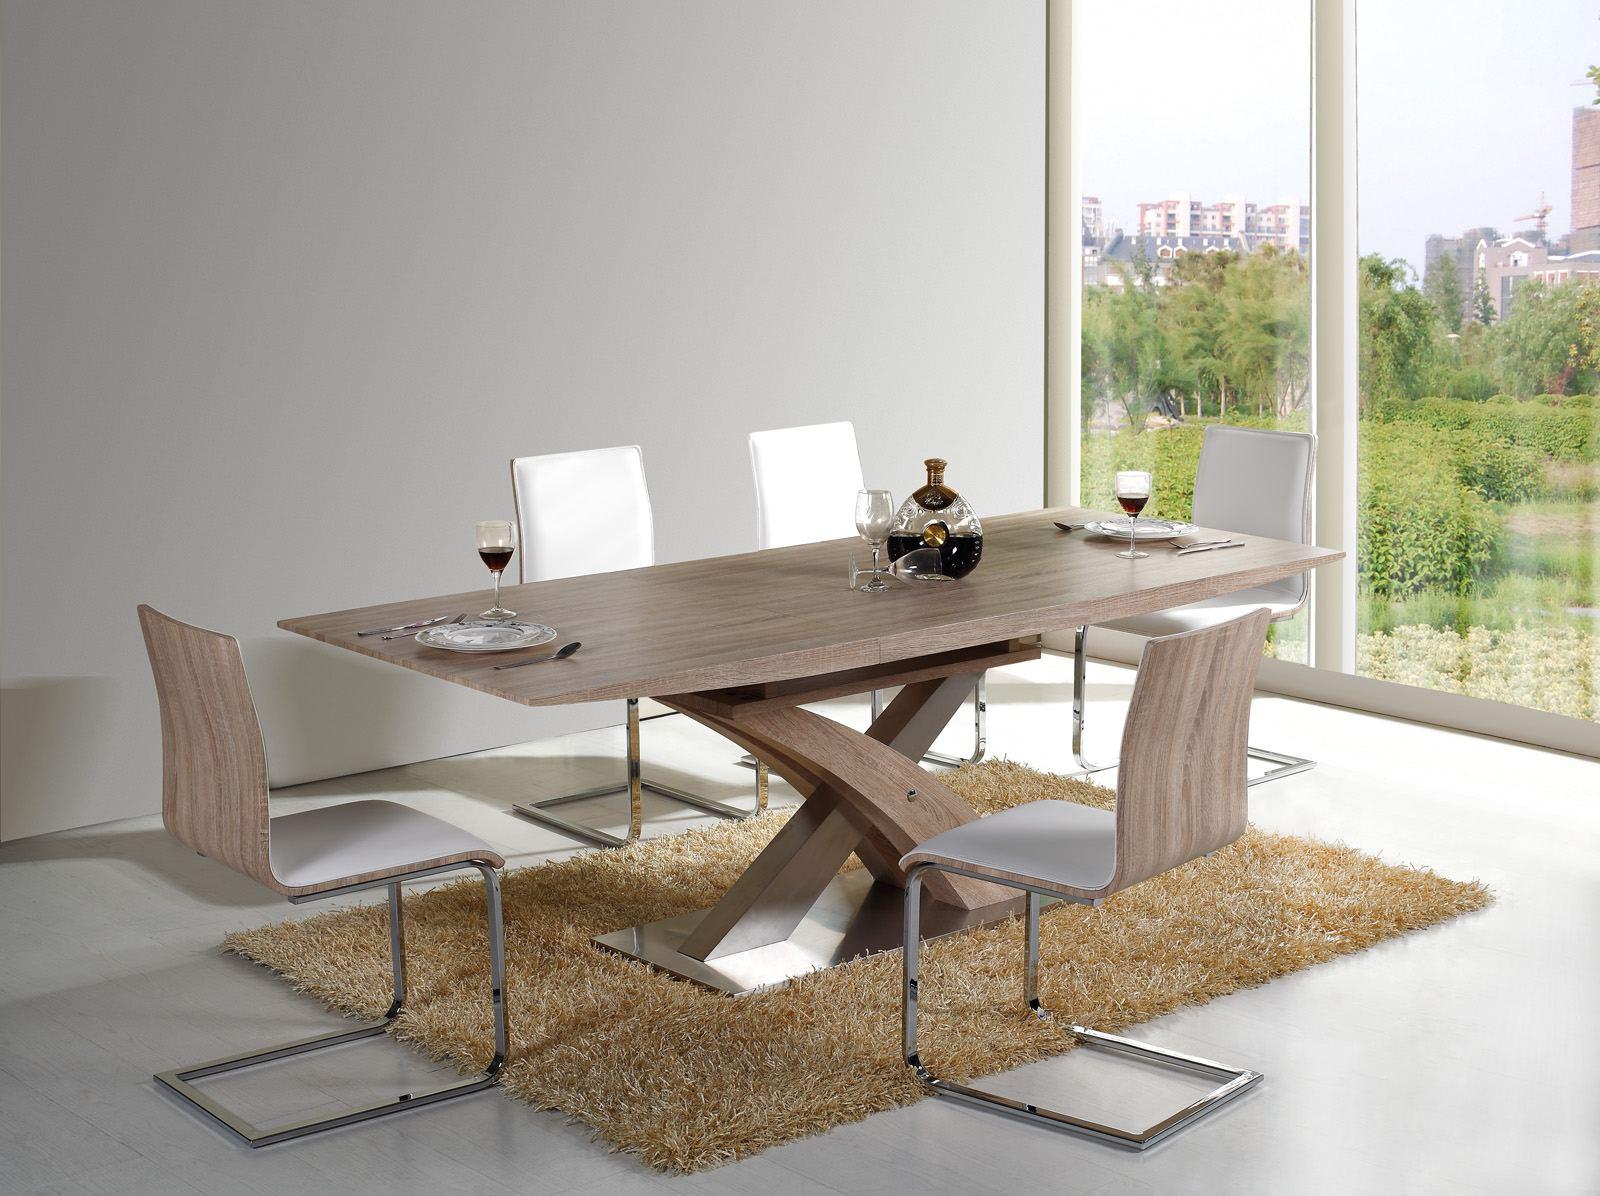 Details zu Esstisch Holz Tisch modern RAUL Tischplatte braun ausziehbar Esszimmer Küche